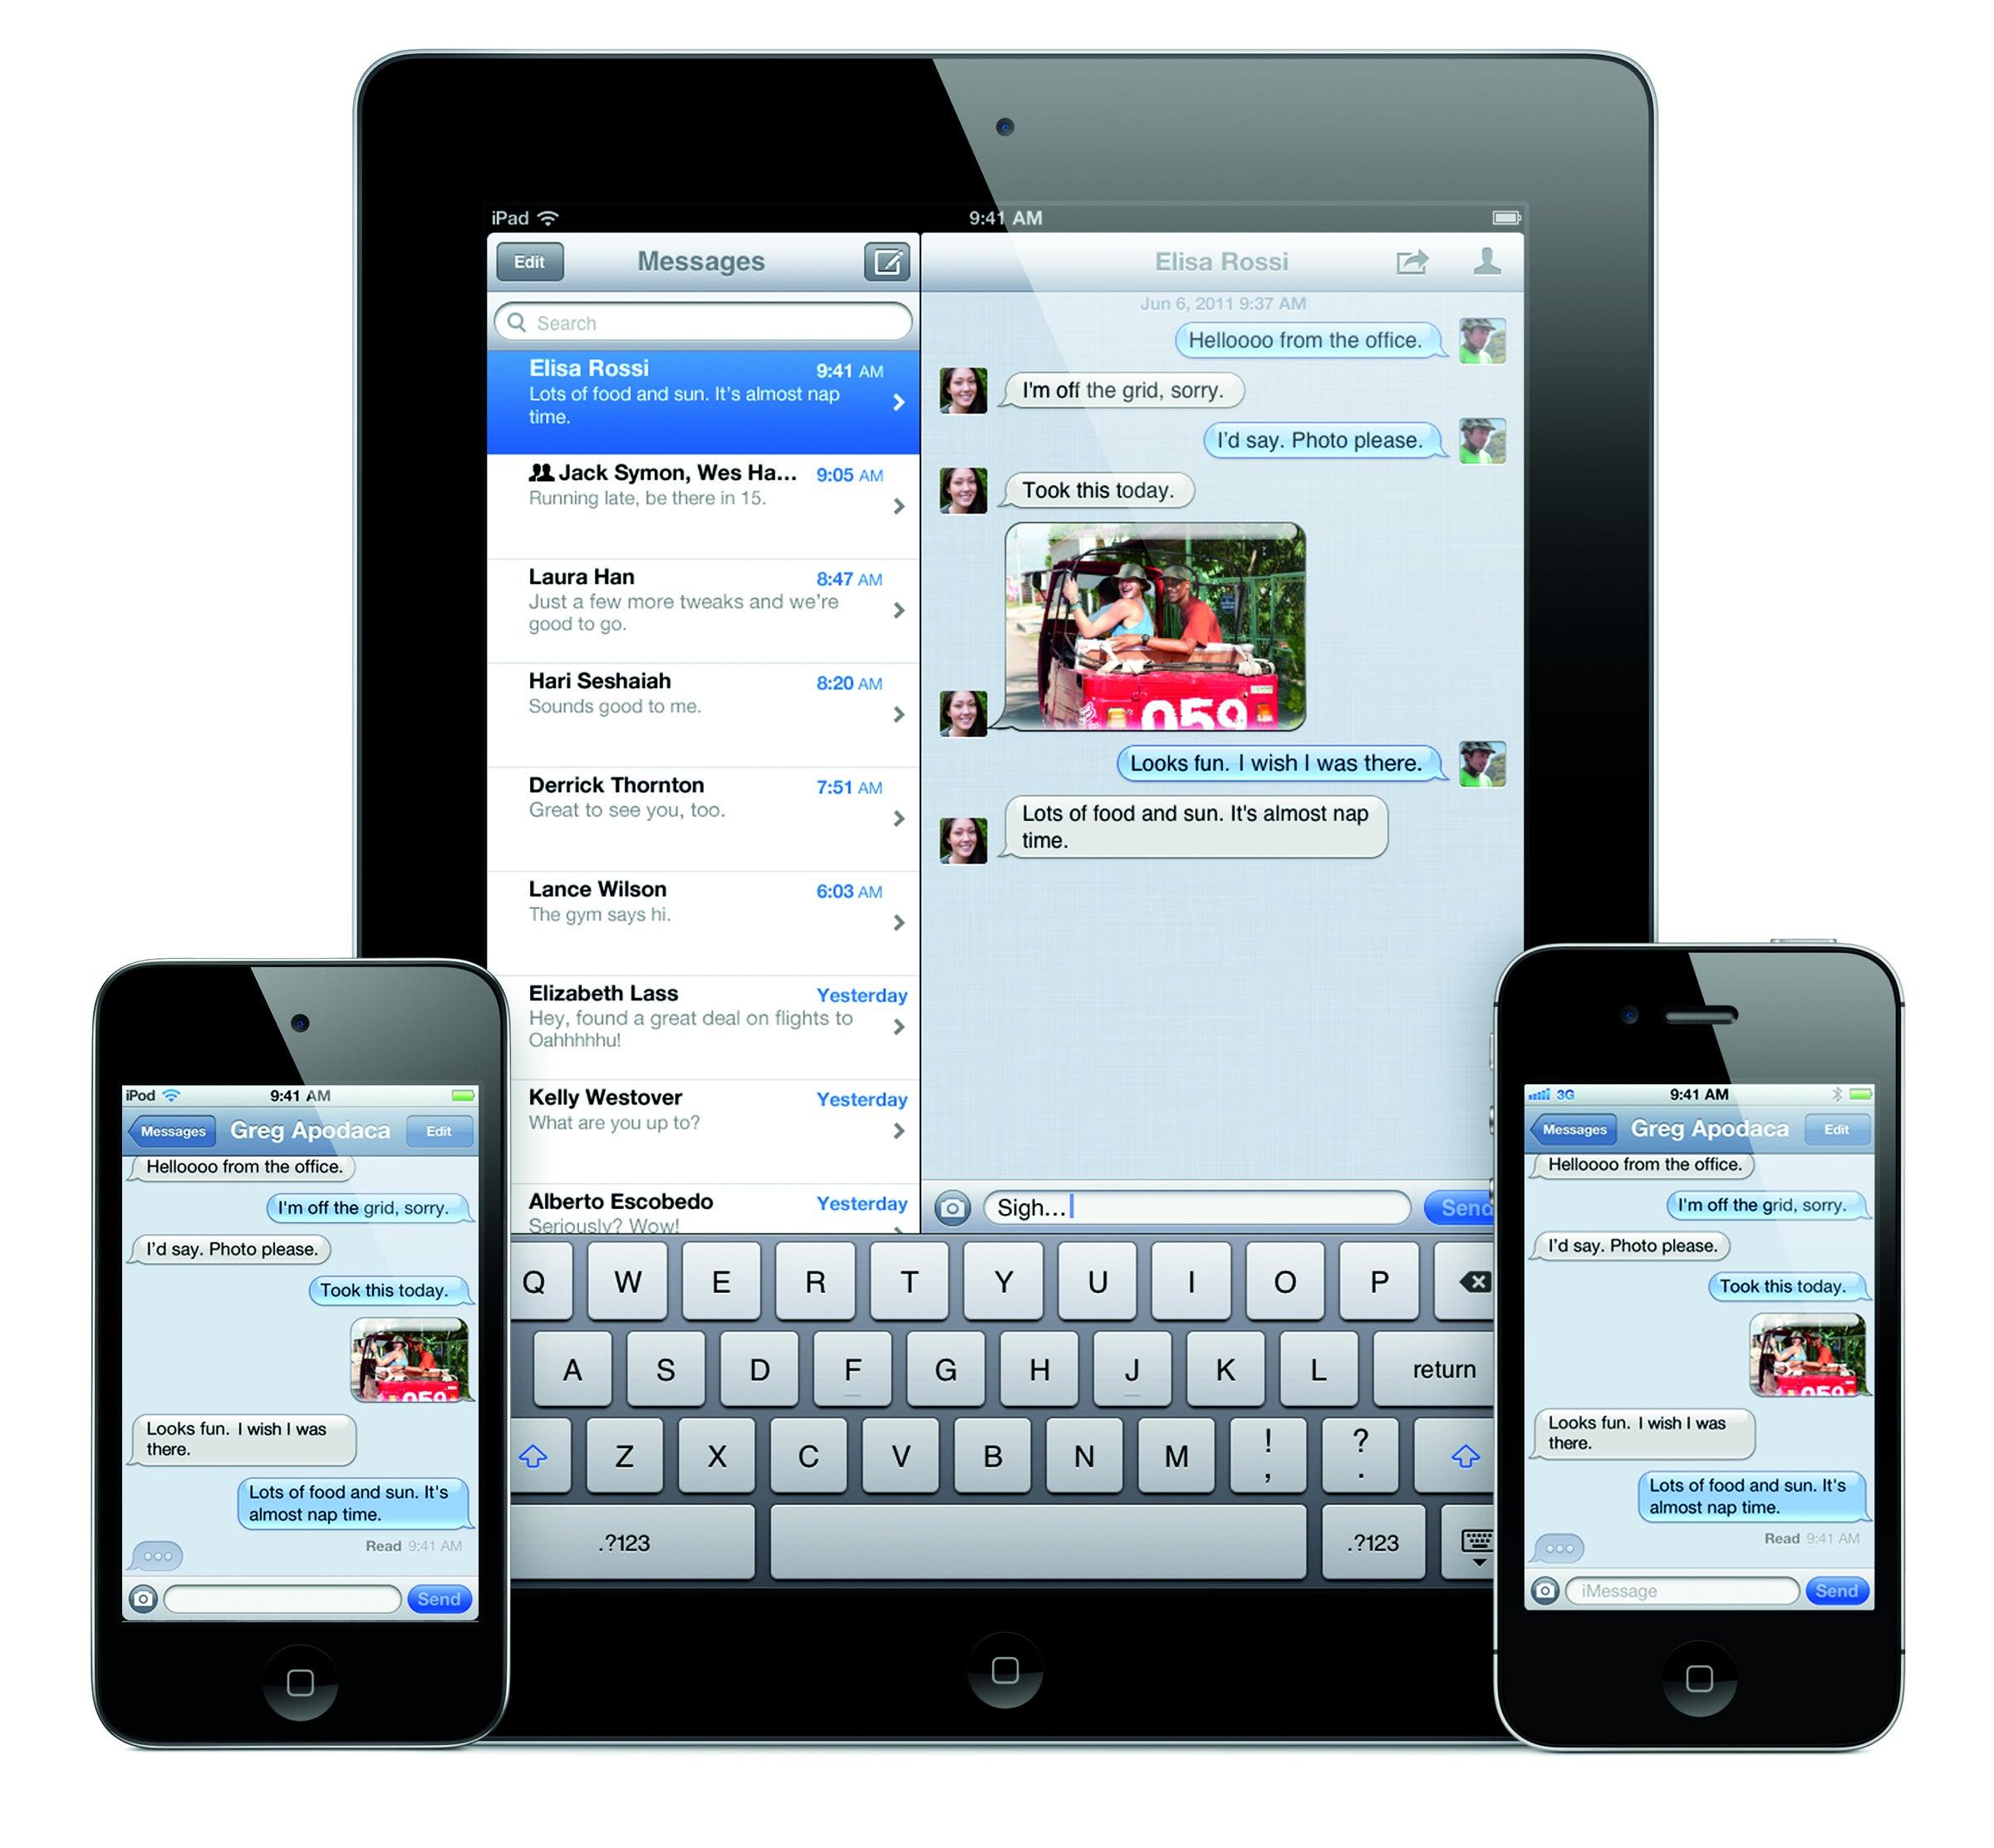 Atandt New Iphone